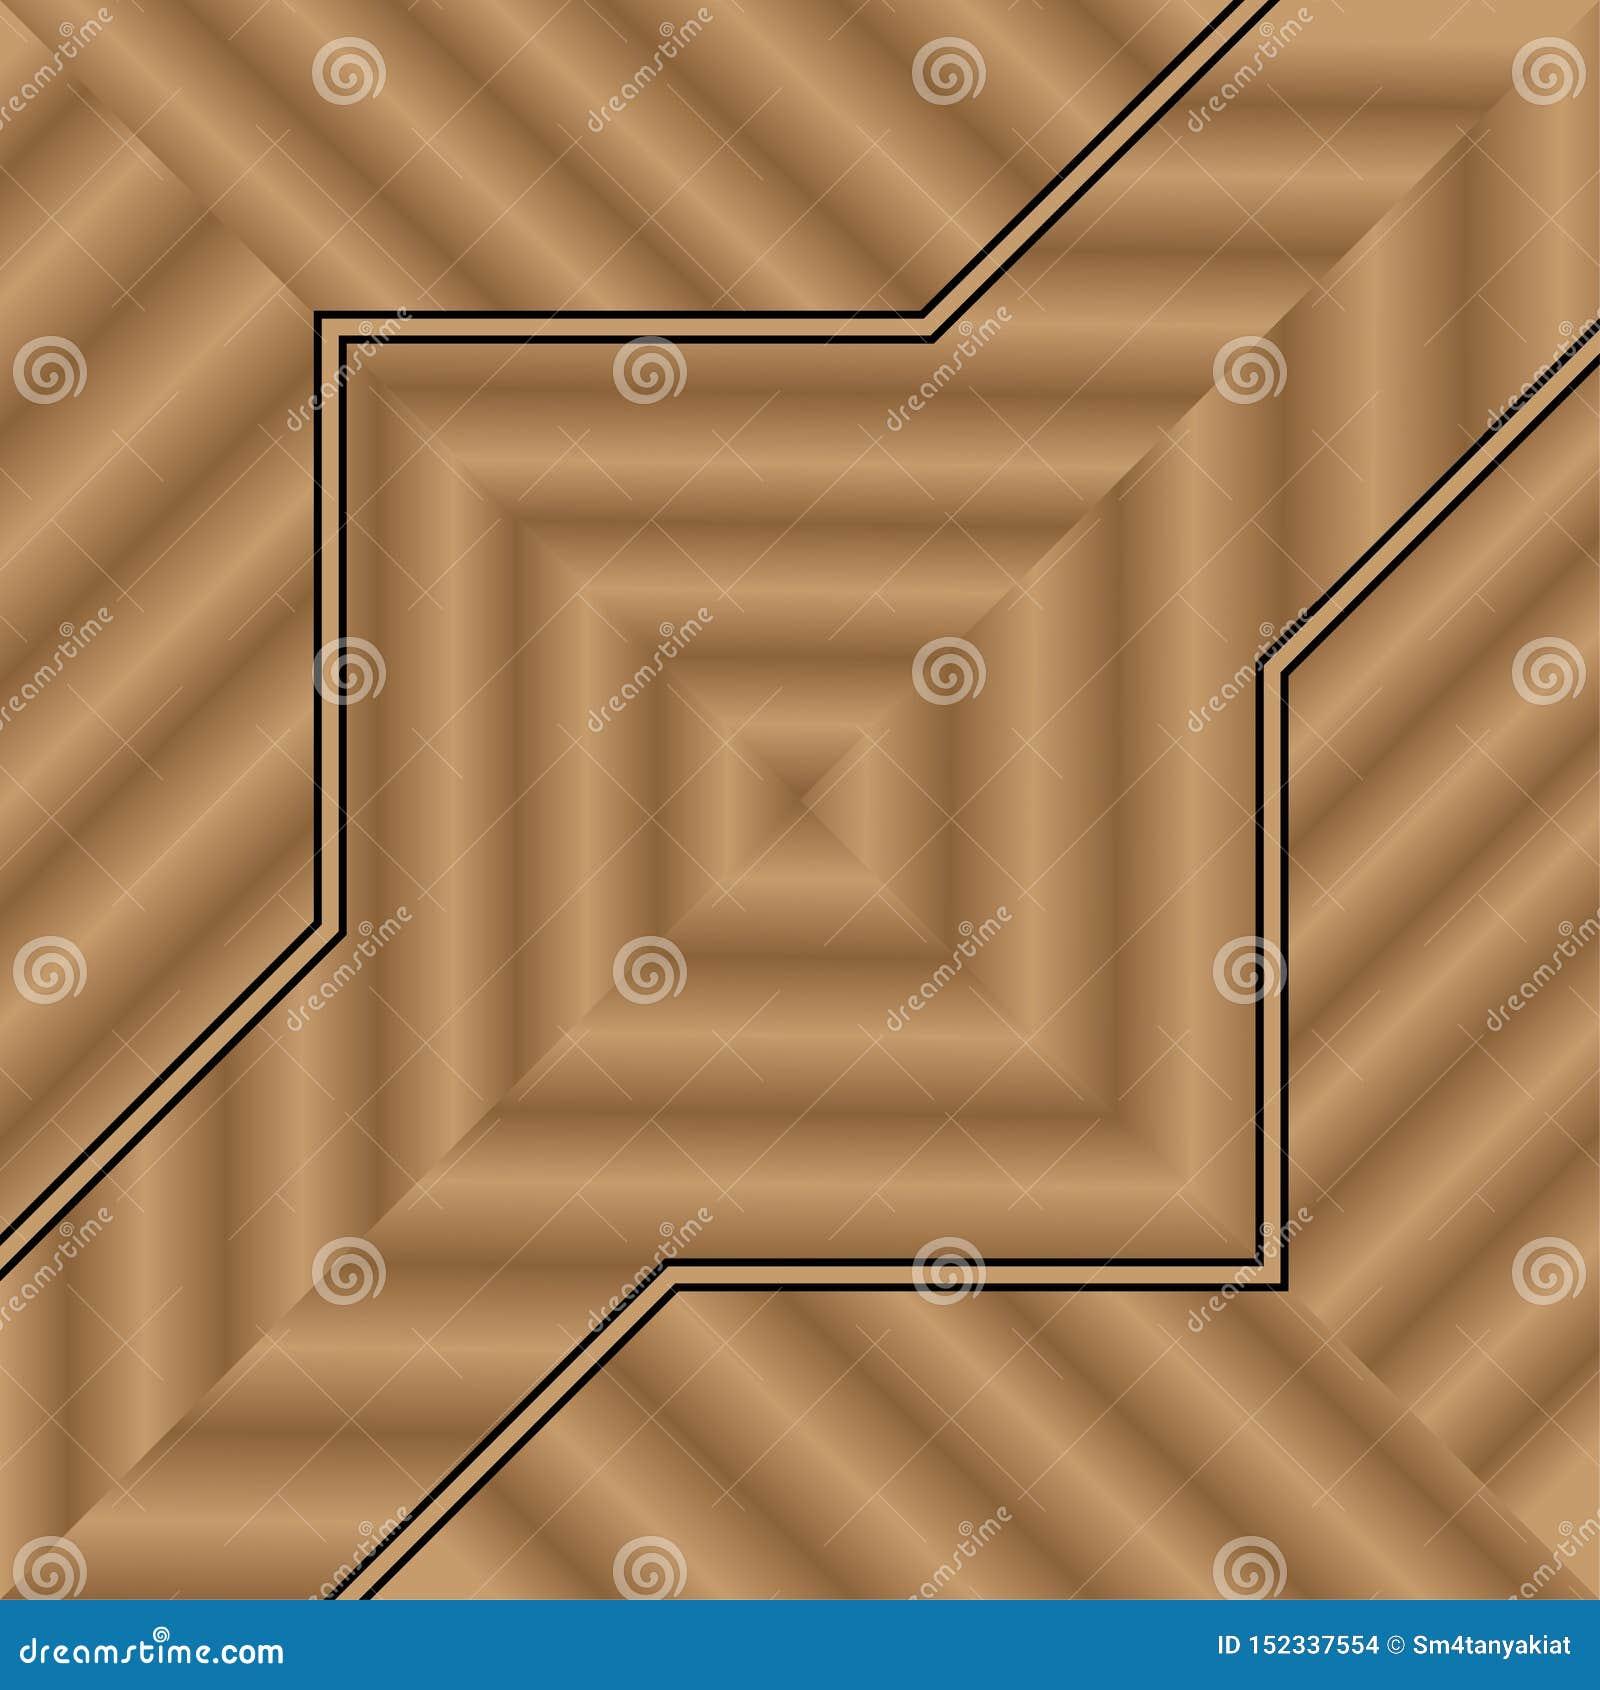 Drewniany tło projekt dla dekoracji ściany lub podłogi salowego domu